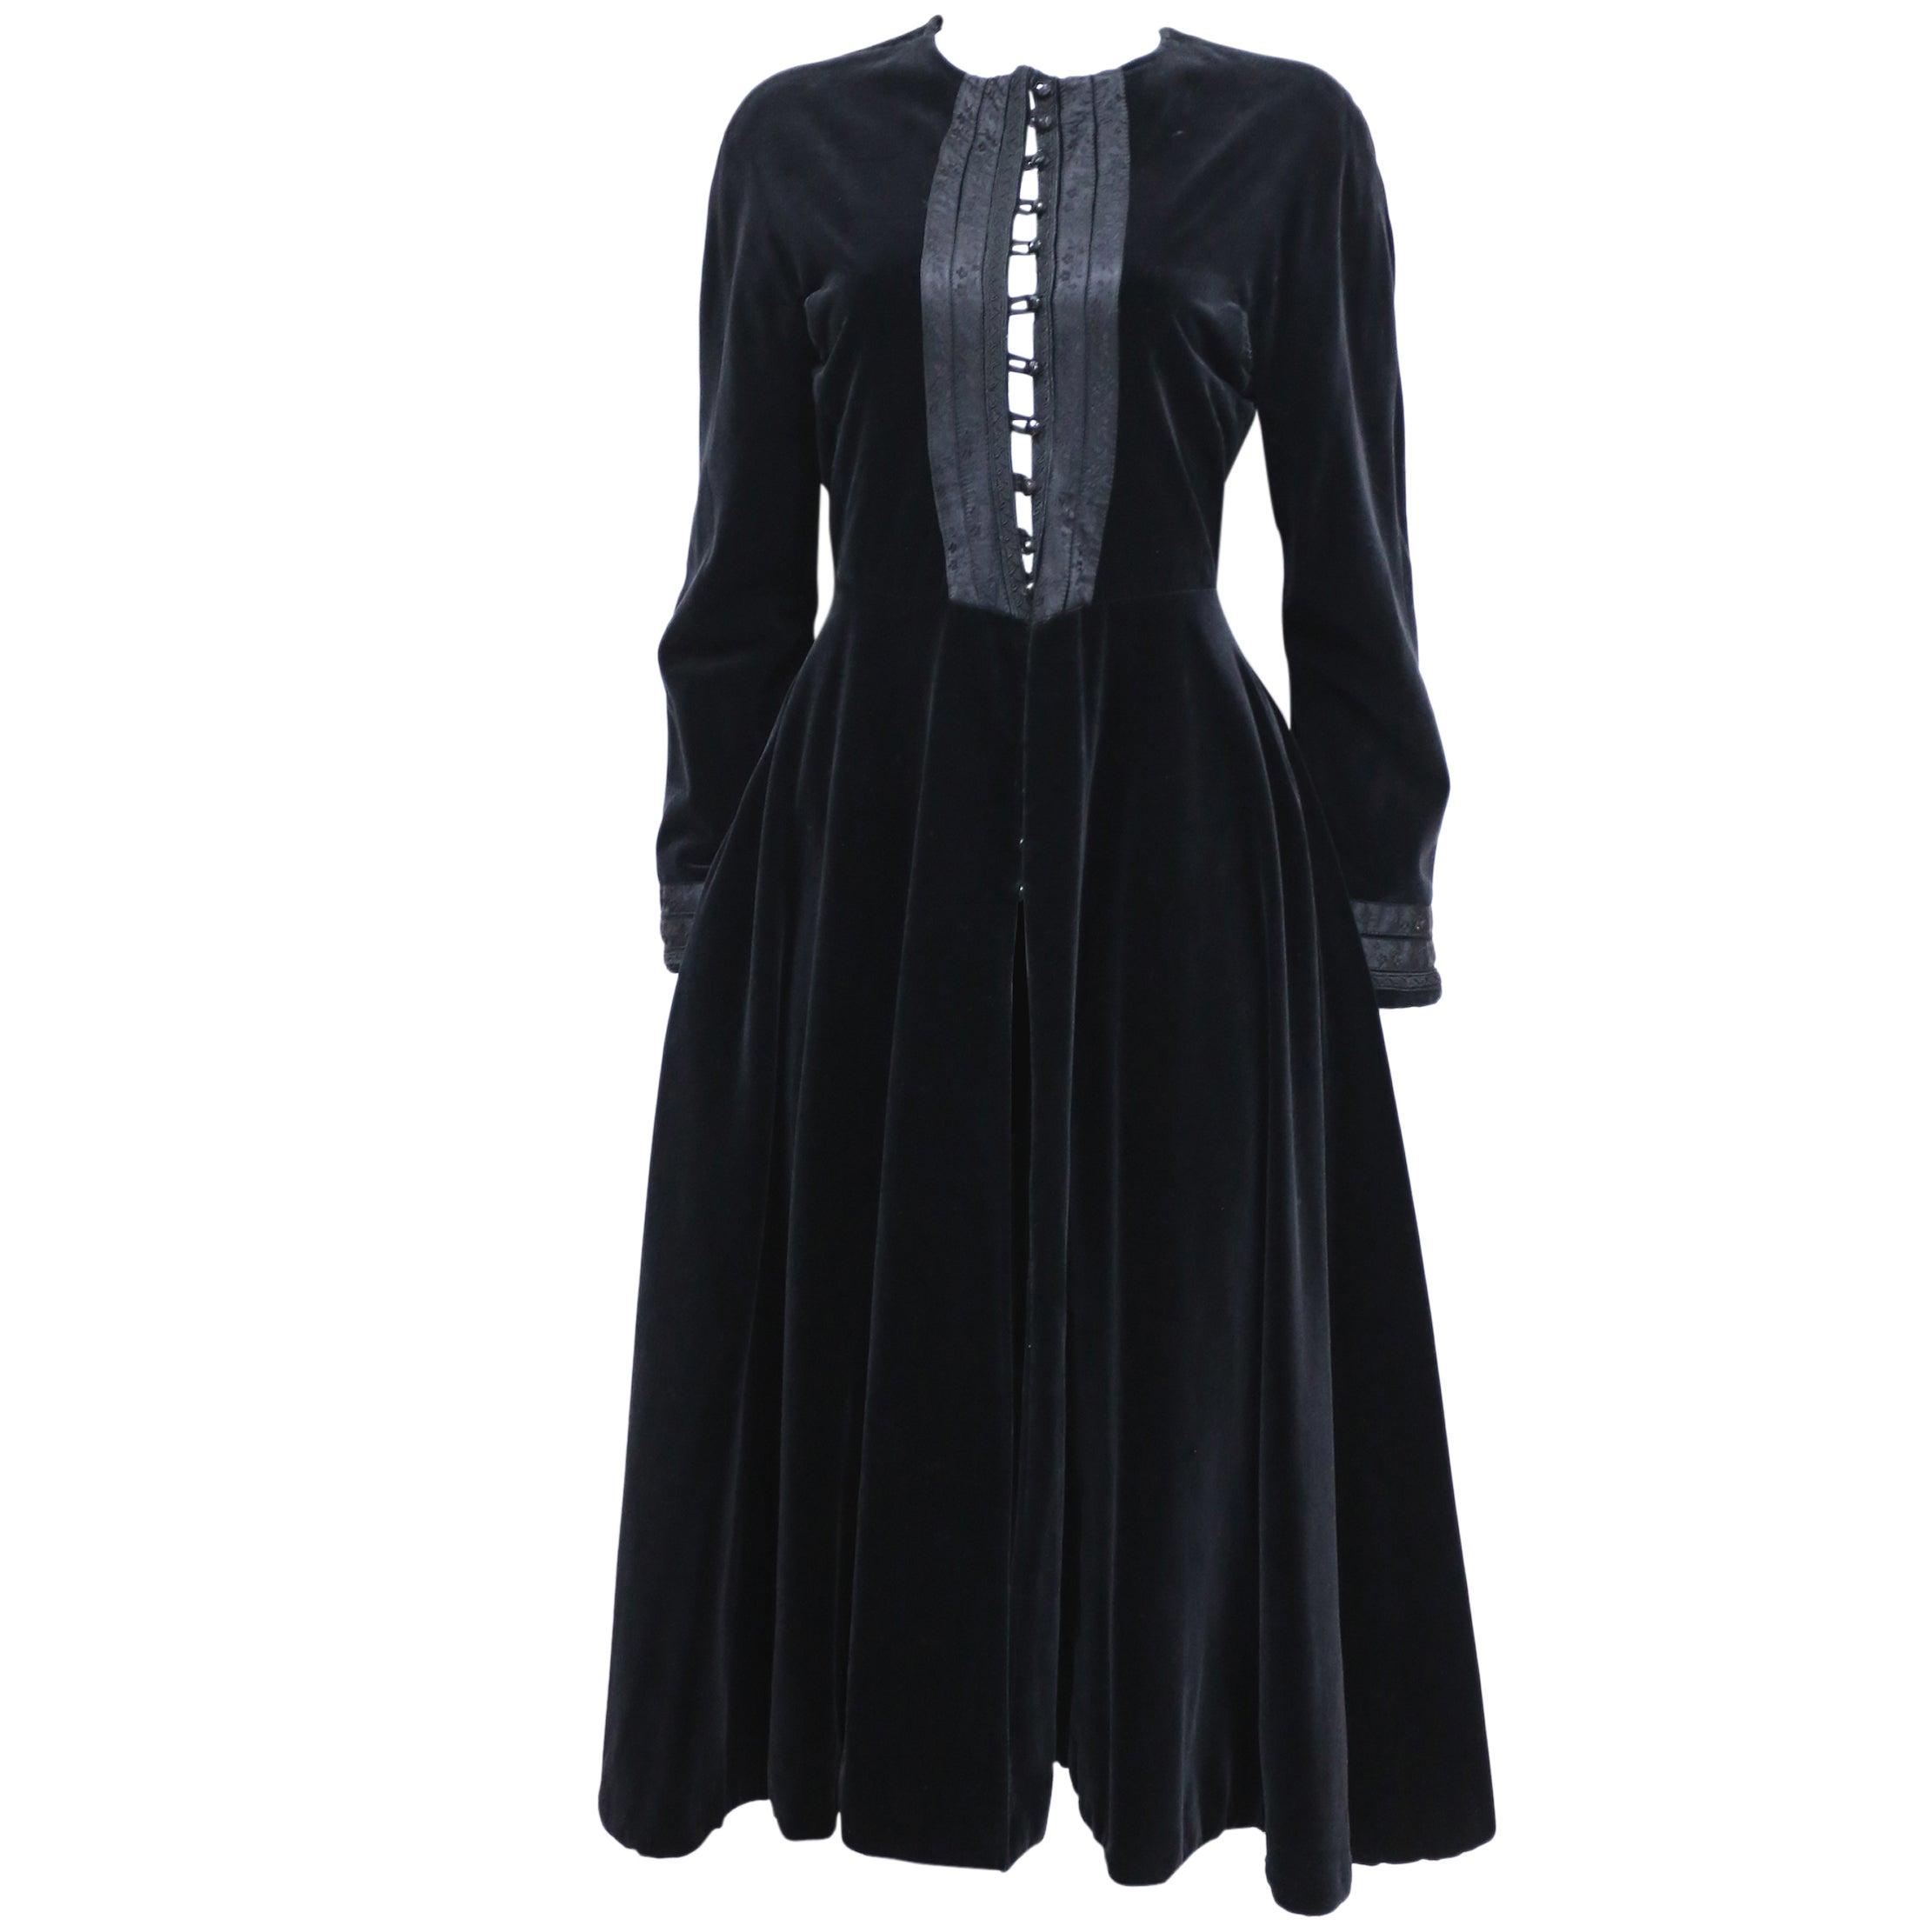 Jean Paul Gaultier black velvet and silk Russian inspired evening coat, c. 1980s